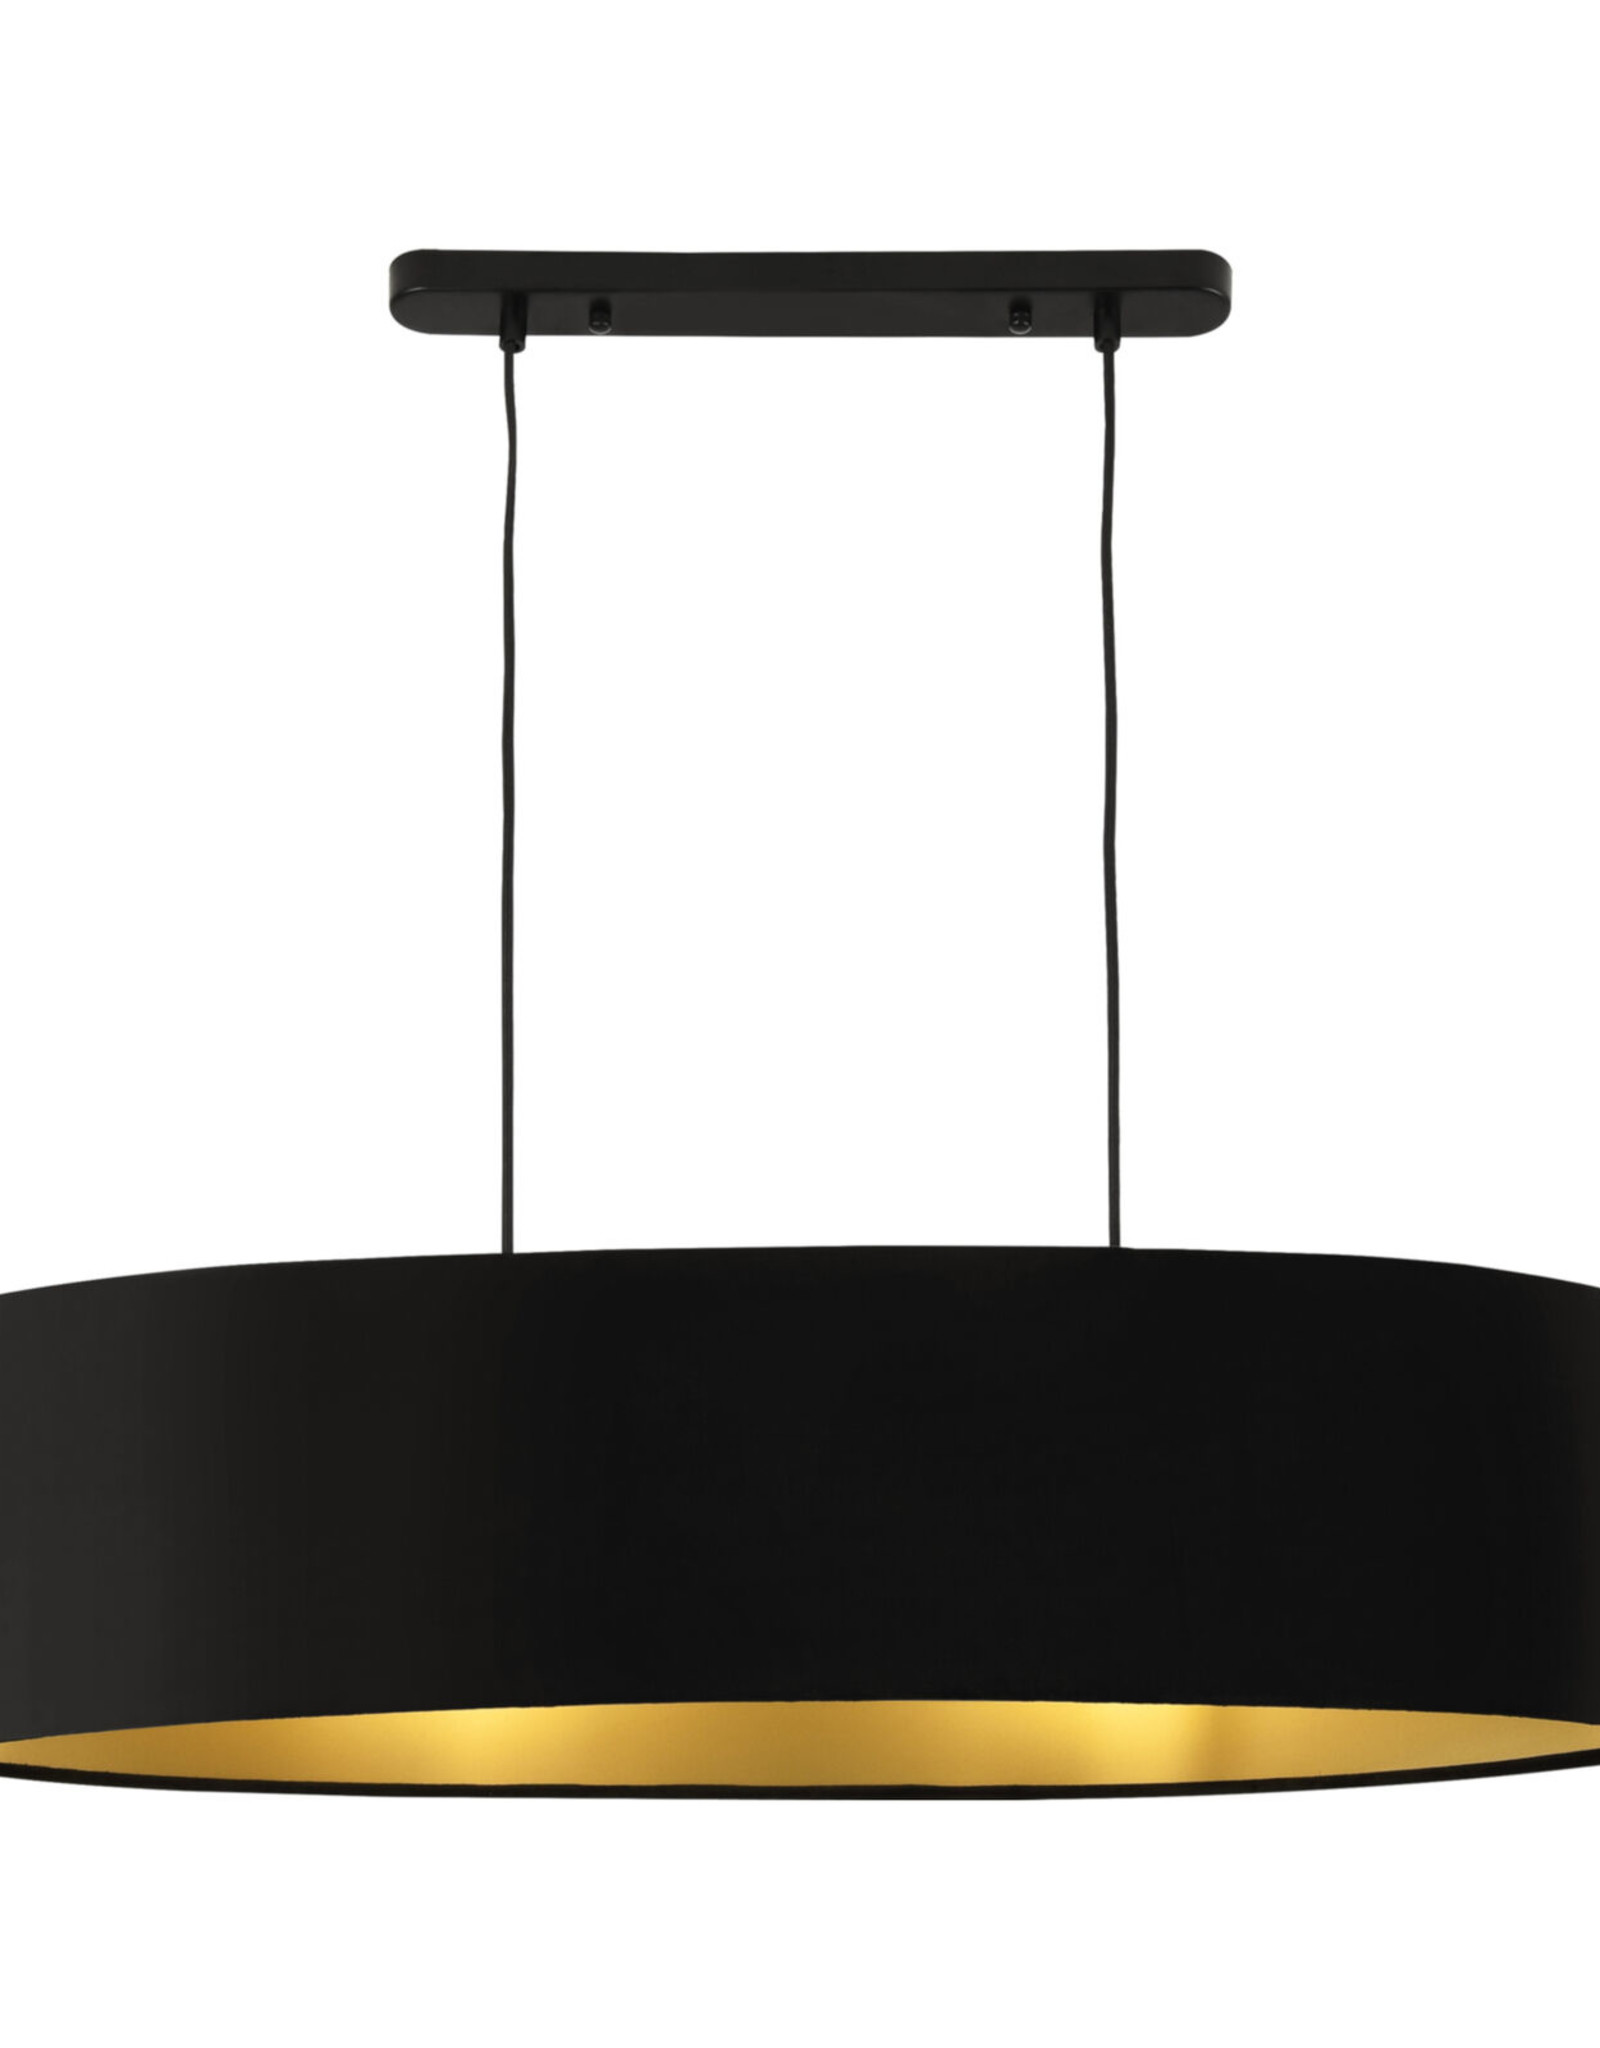 Hanglamp met 2 lamphouders, 132 cm hoogte